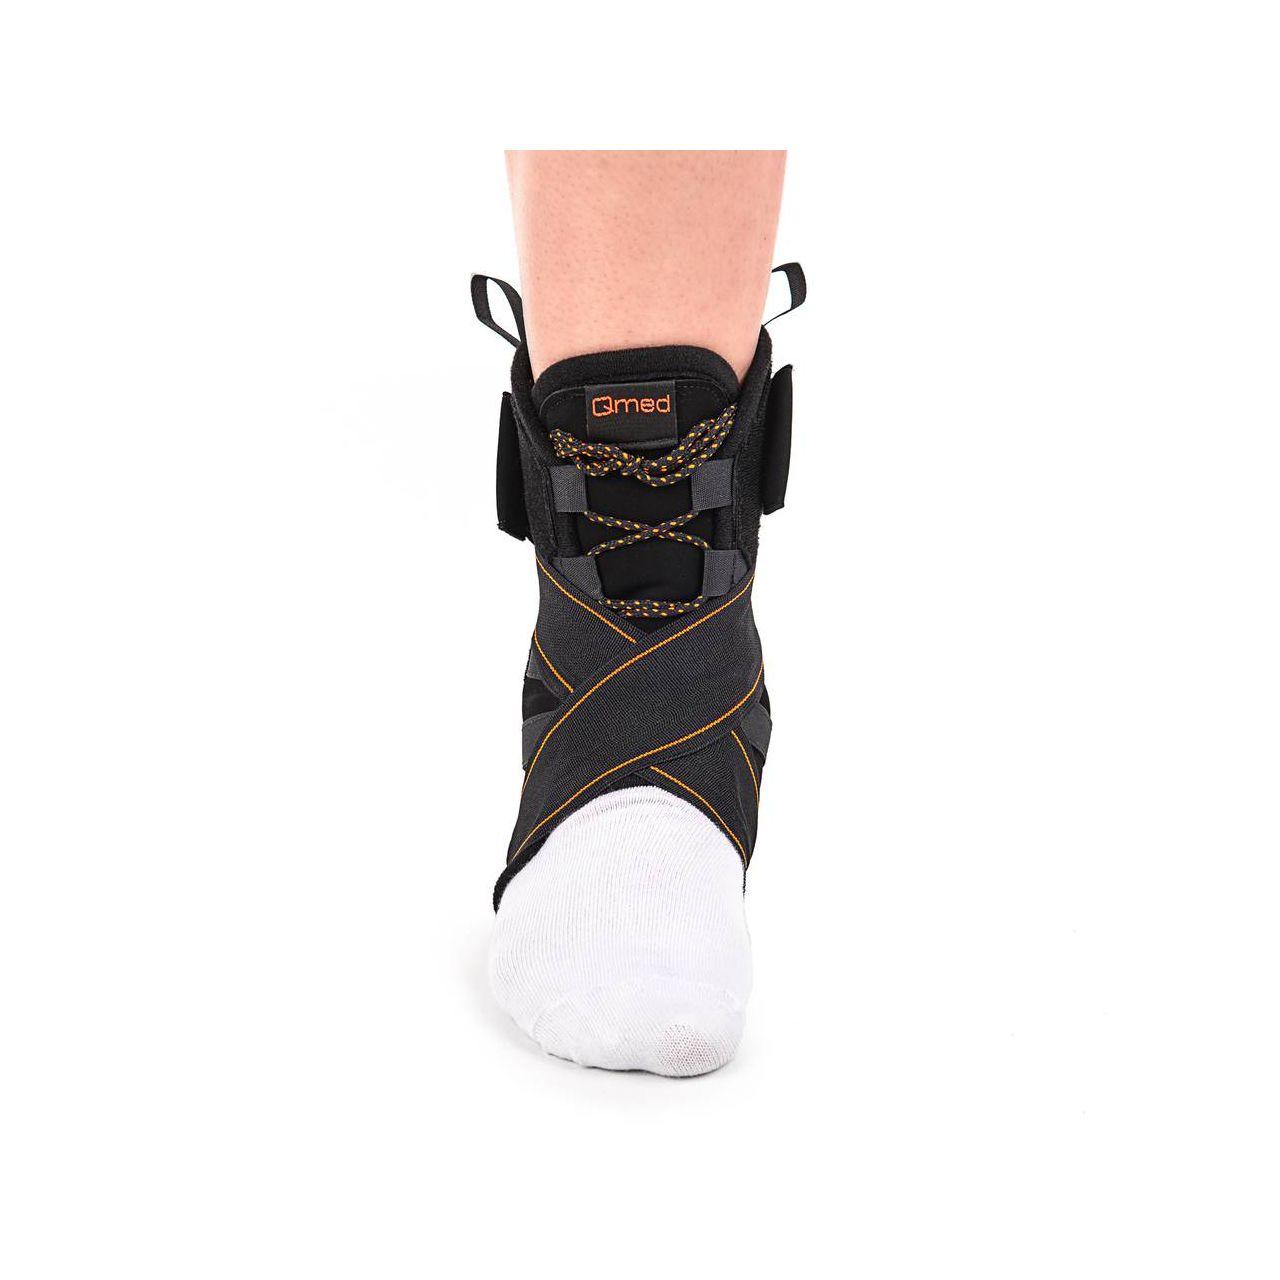 Hüppeliigest toestav ja stabiliseeriv ortoos.